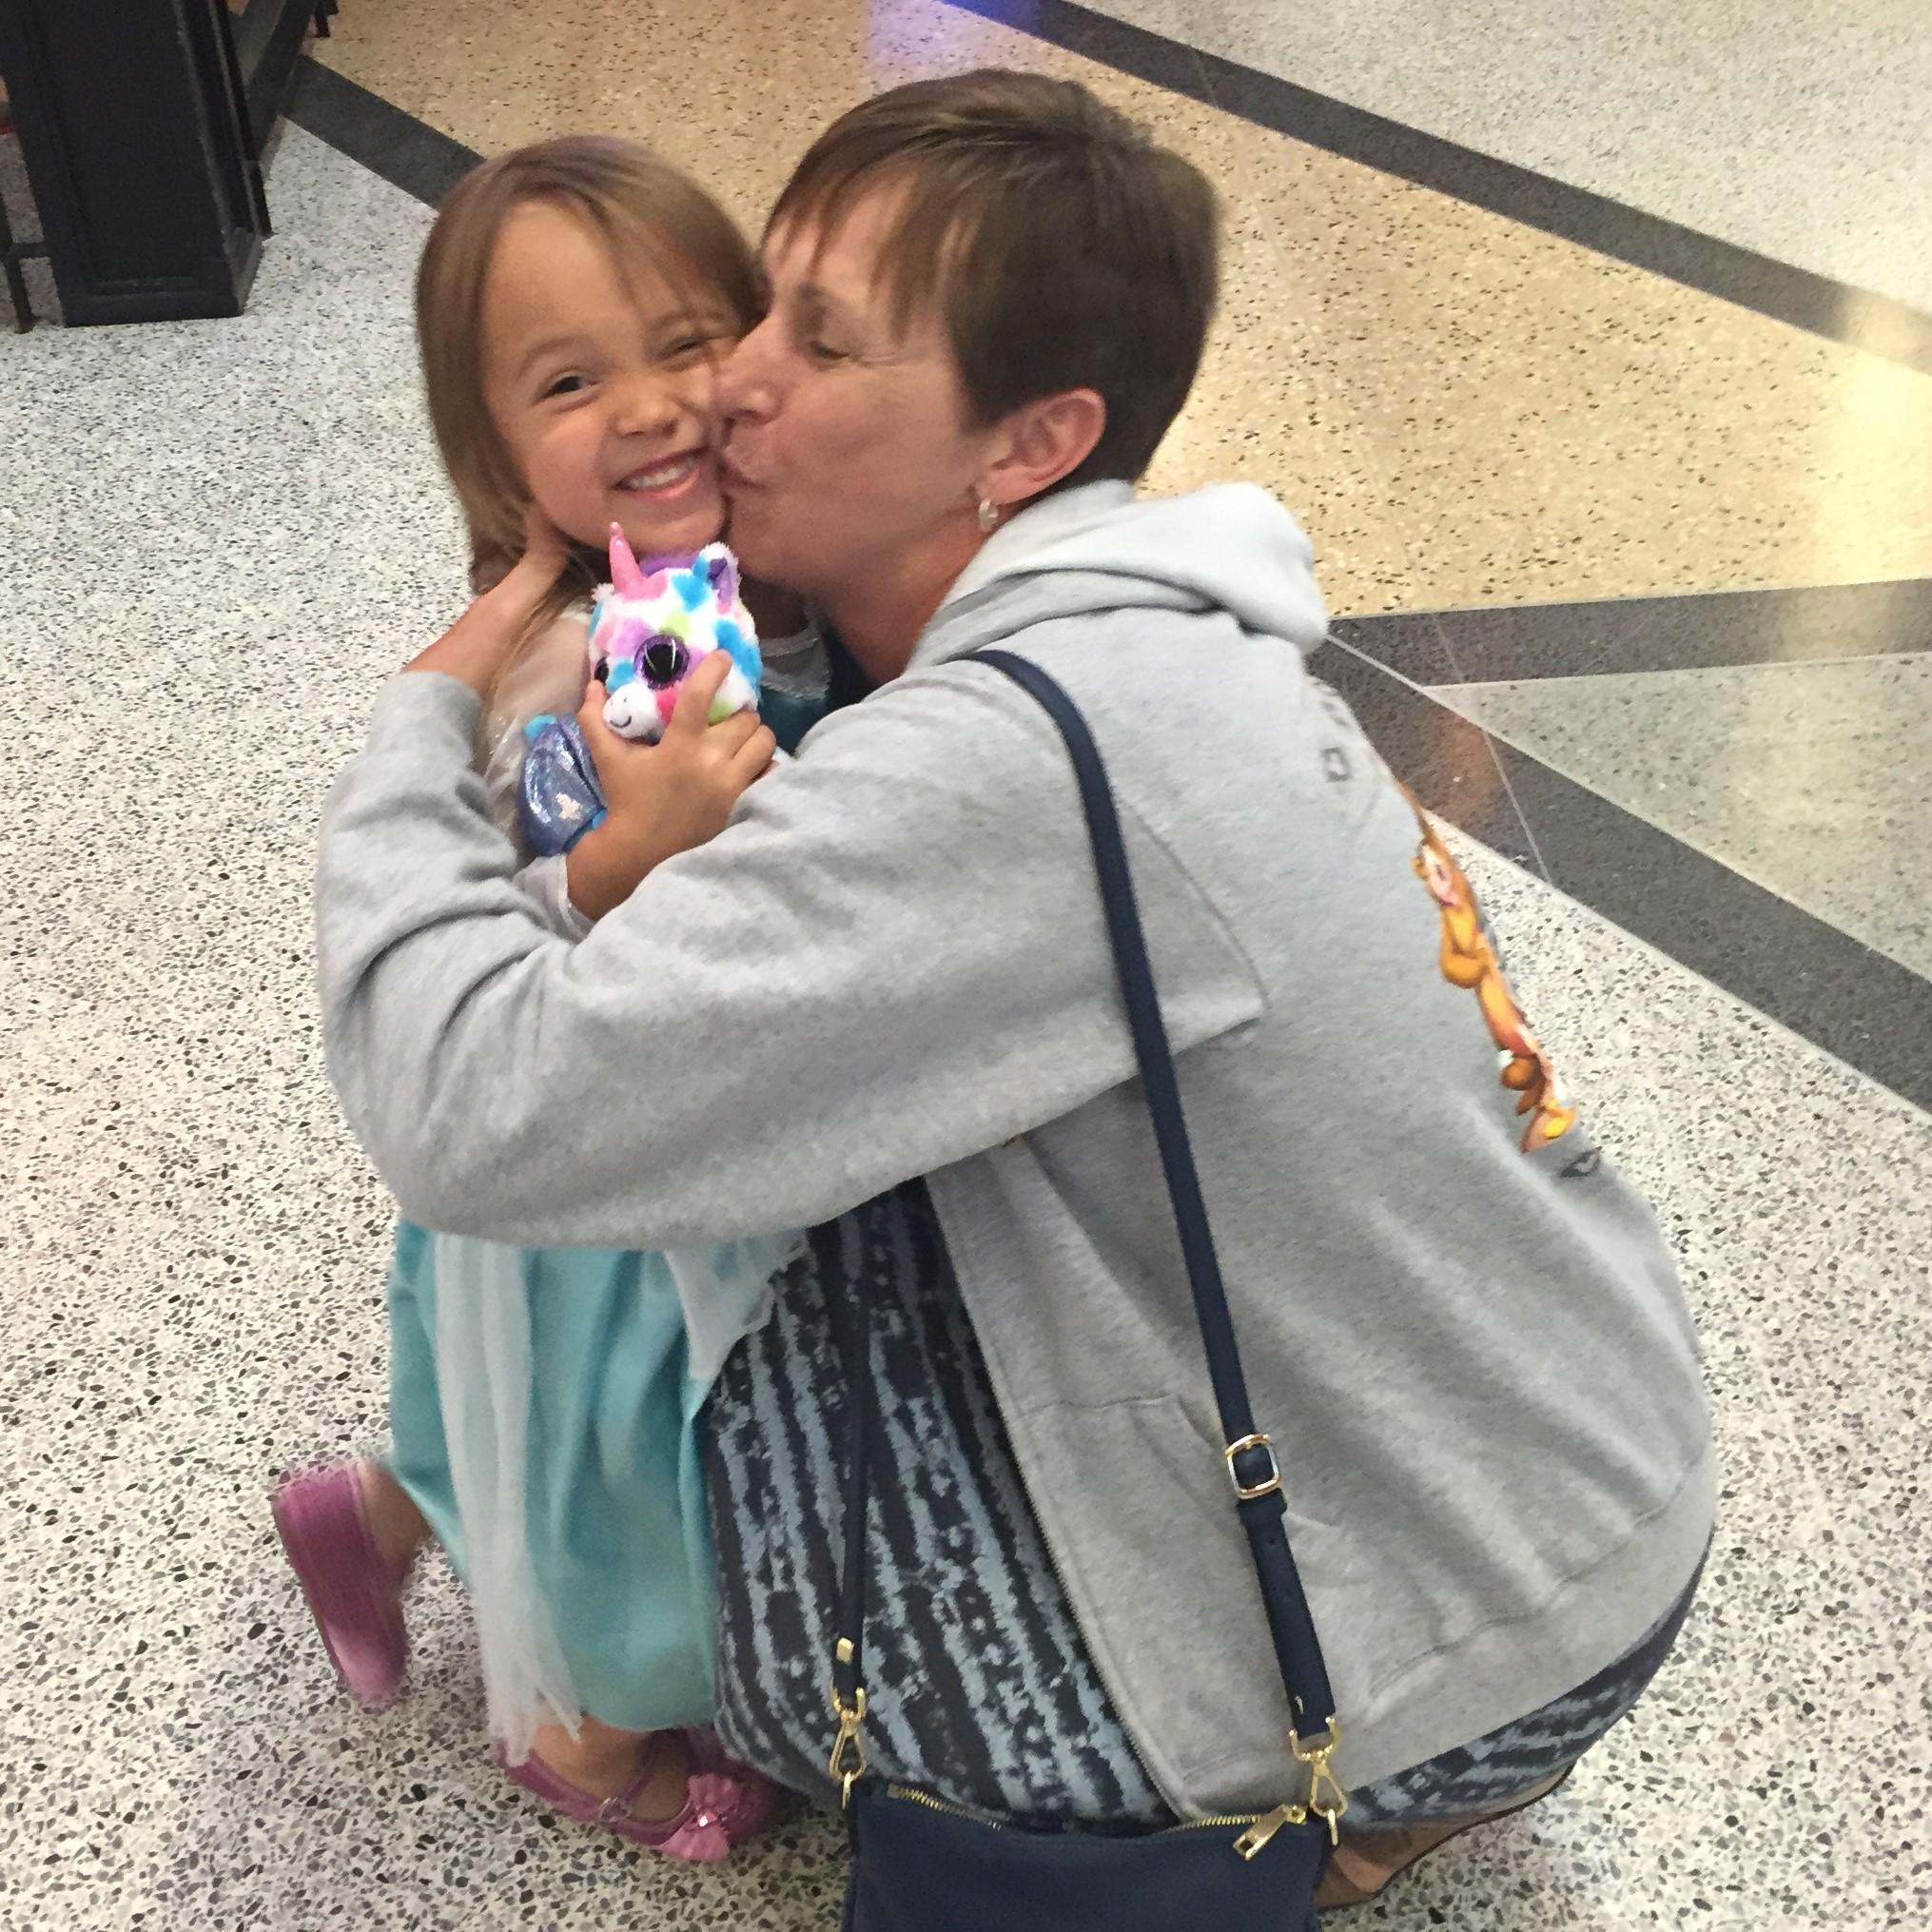 Kisses for Grammy before she leaves!